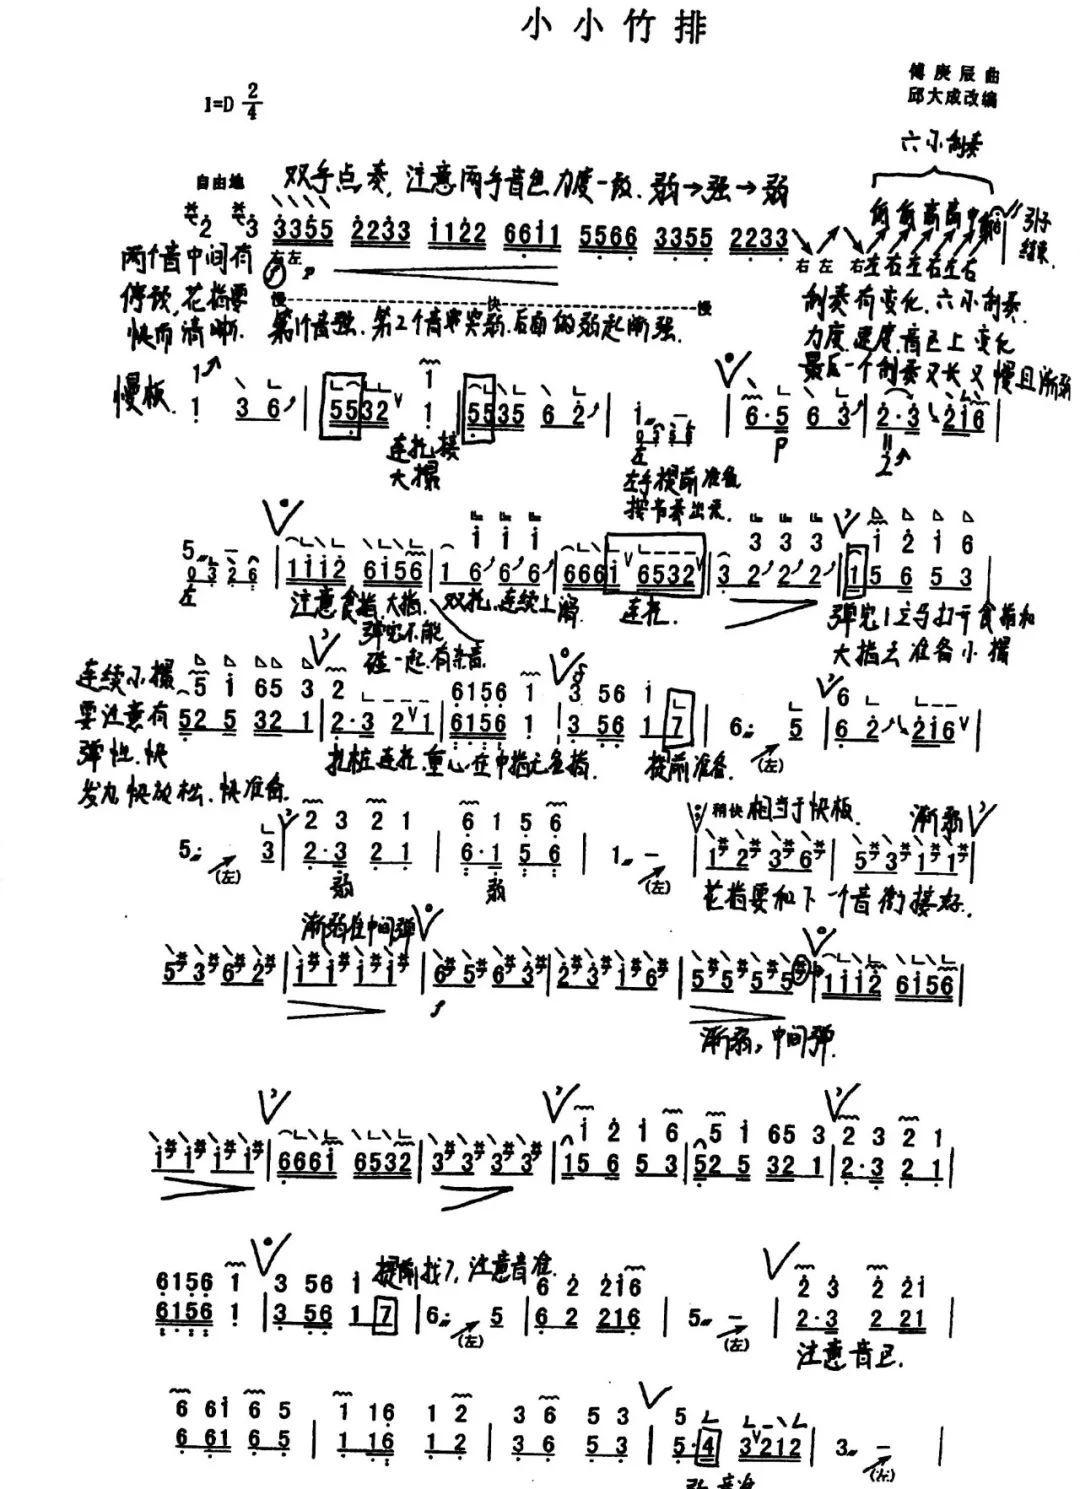 曲谱难点_钢琴简单曲谱